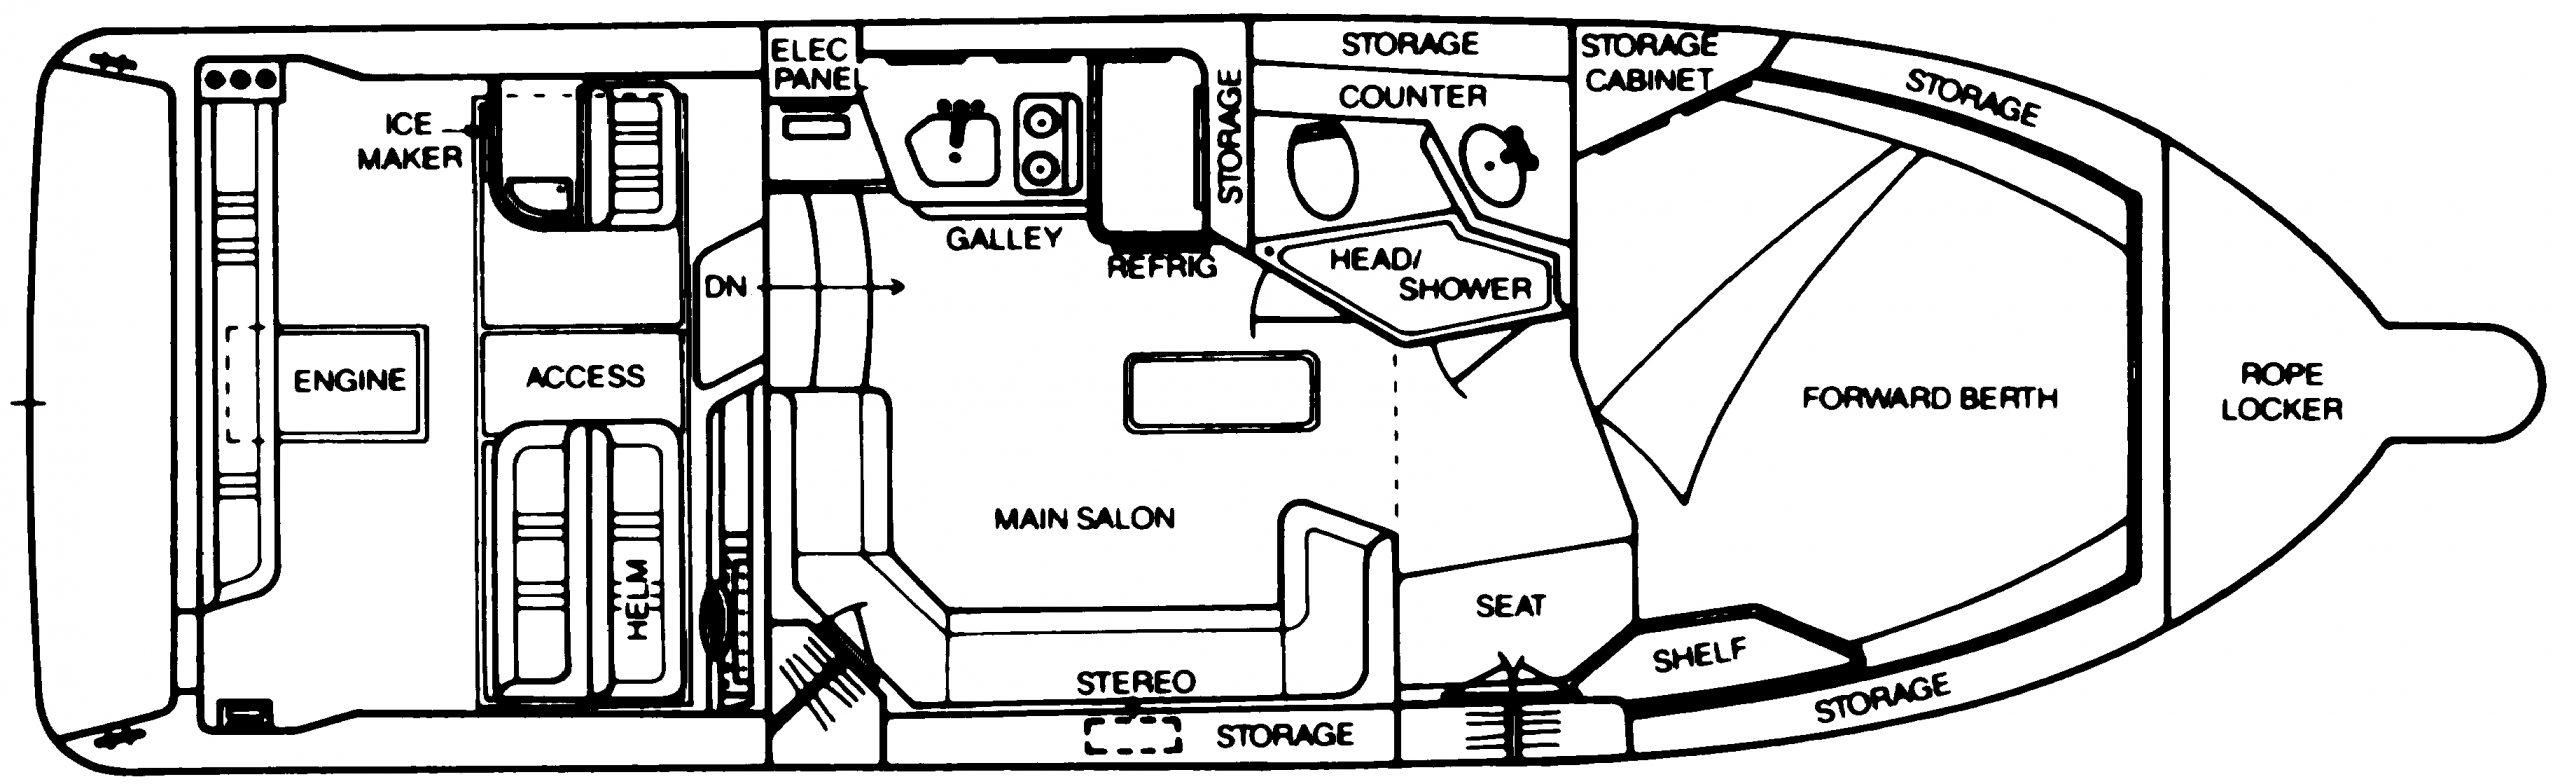 310-330 Express Cruiser Floor Plan 1